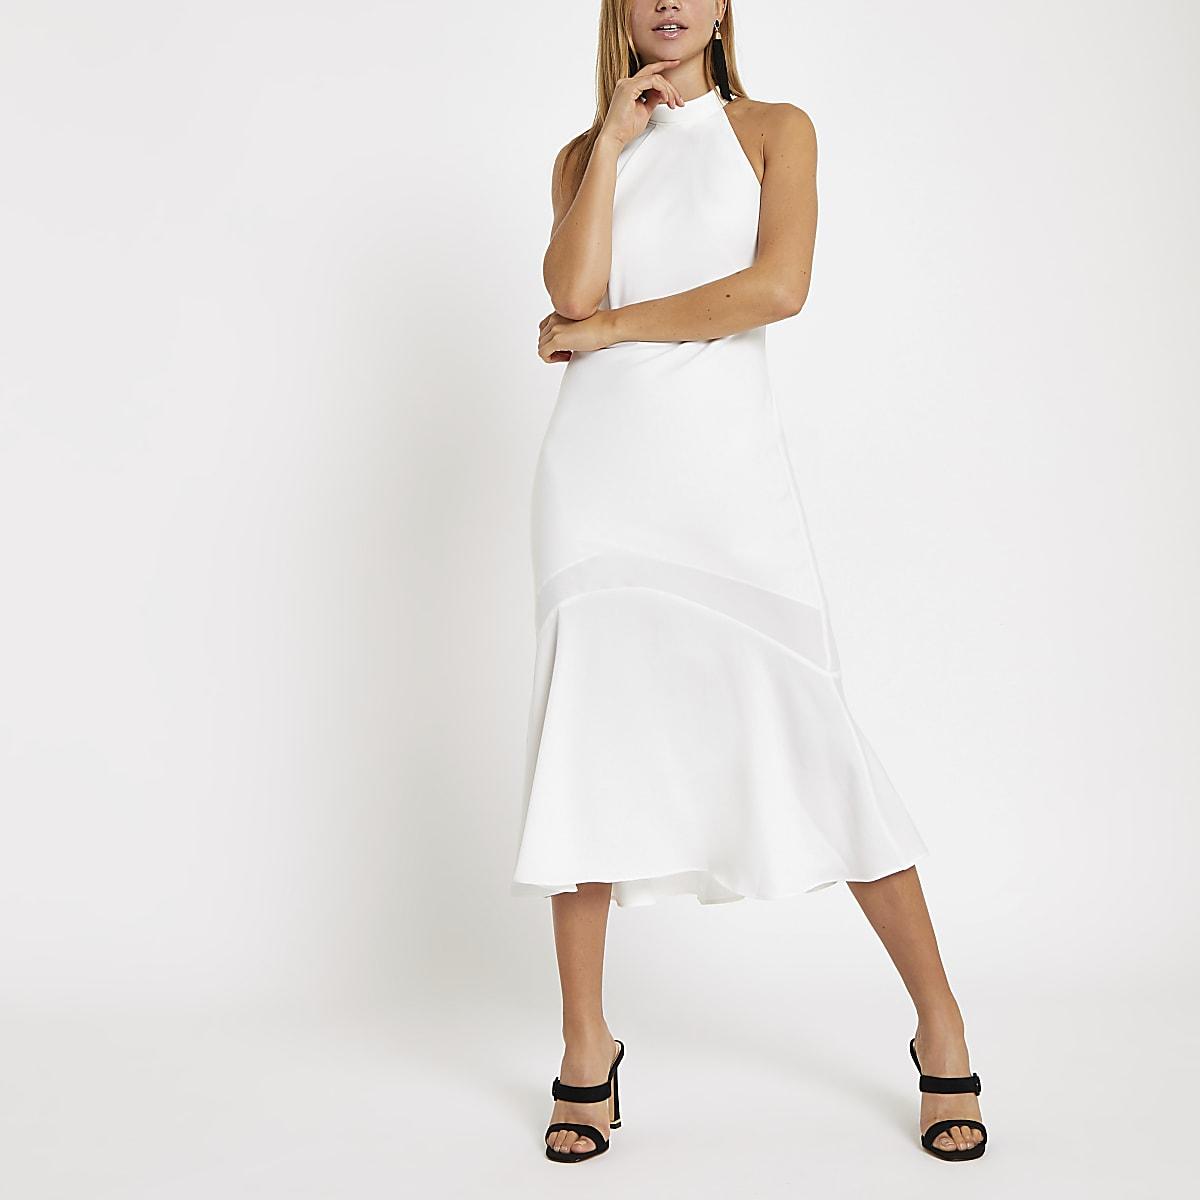 0562961946b White halter neck midi dress - Swing Dresses - Dresses - women